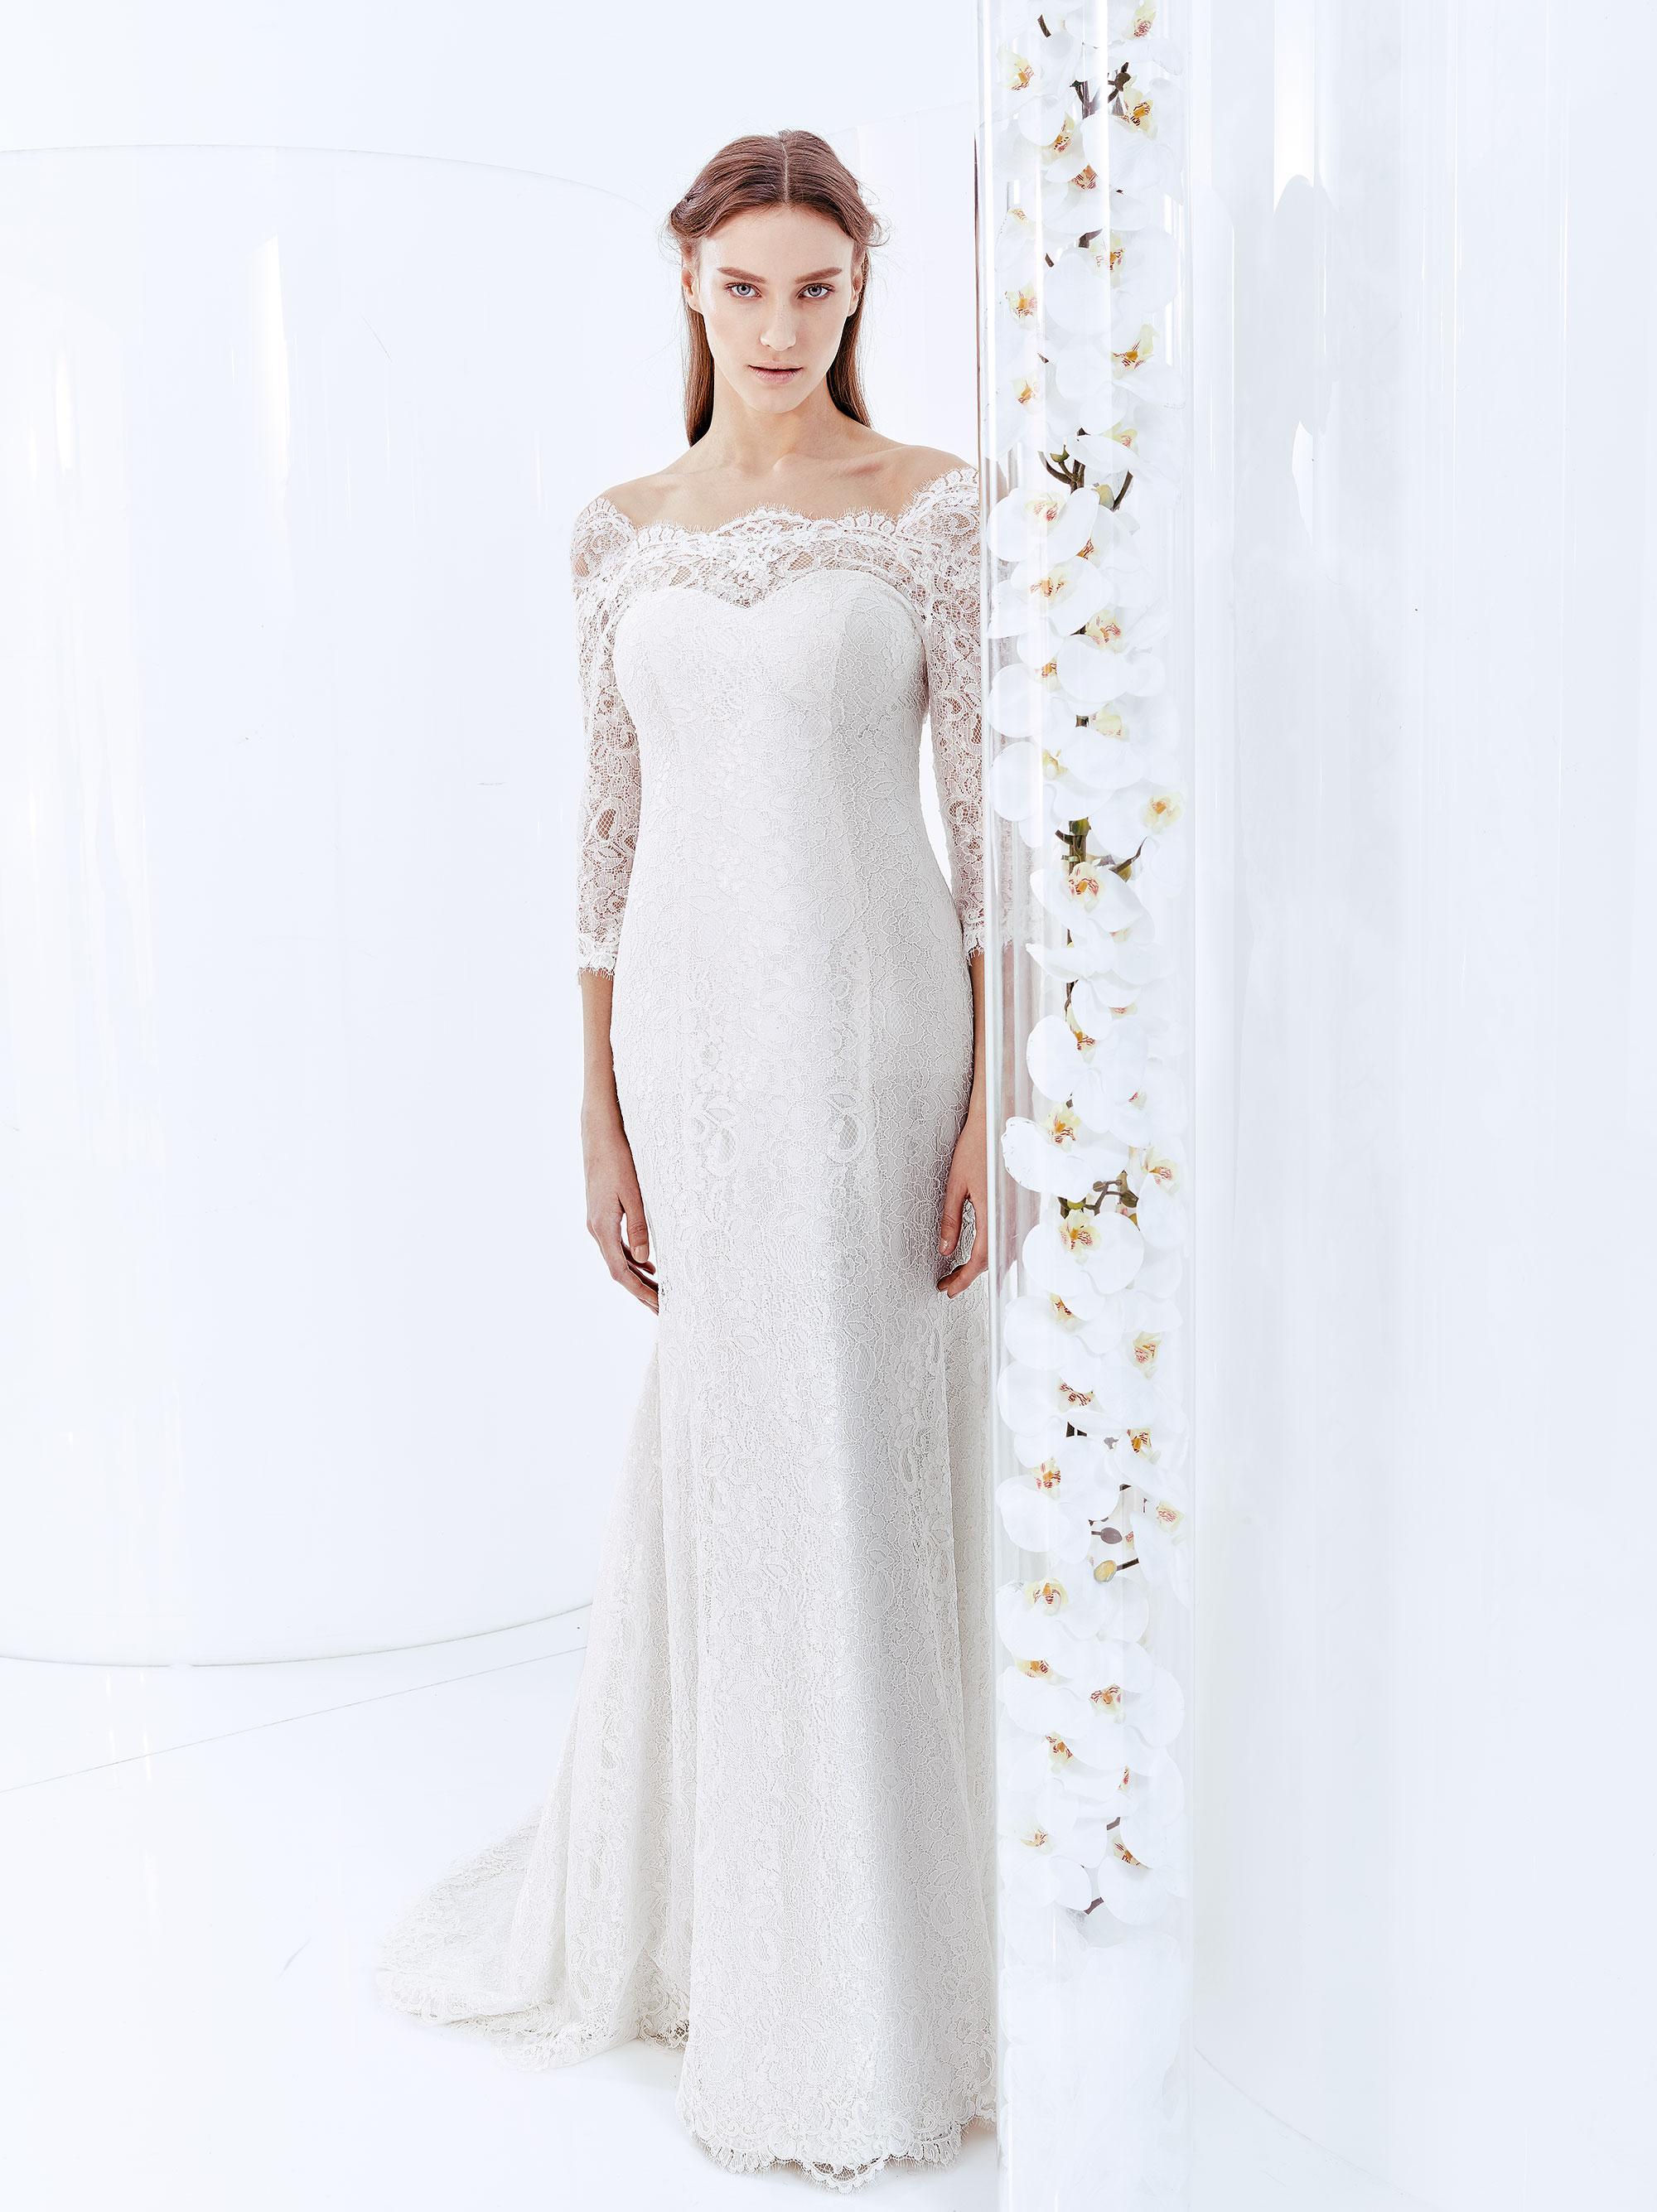 29e9000f5a31 Abito sposa a sirena in pizzo con scollo a barchetta e maniche lunghe  modello Adel Carlo Pignatelli linea Fiorinda